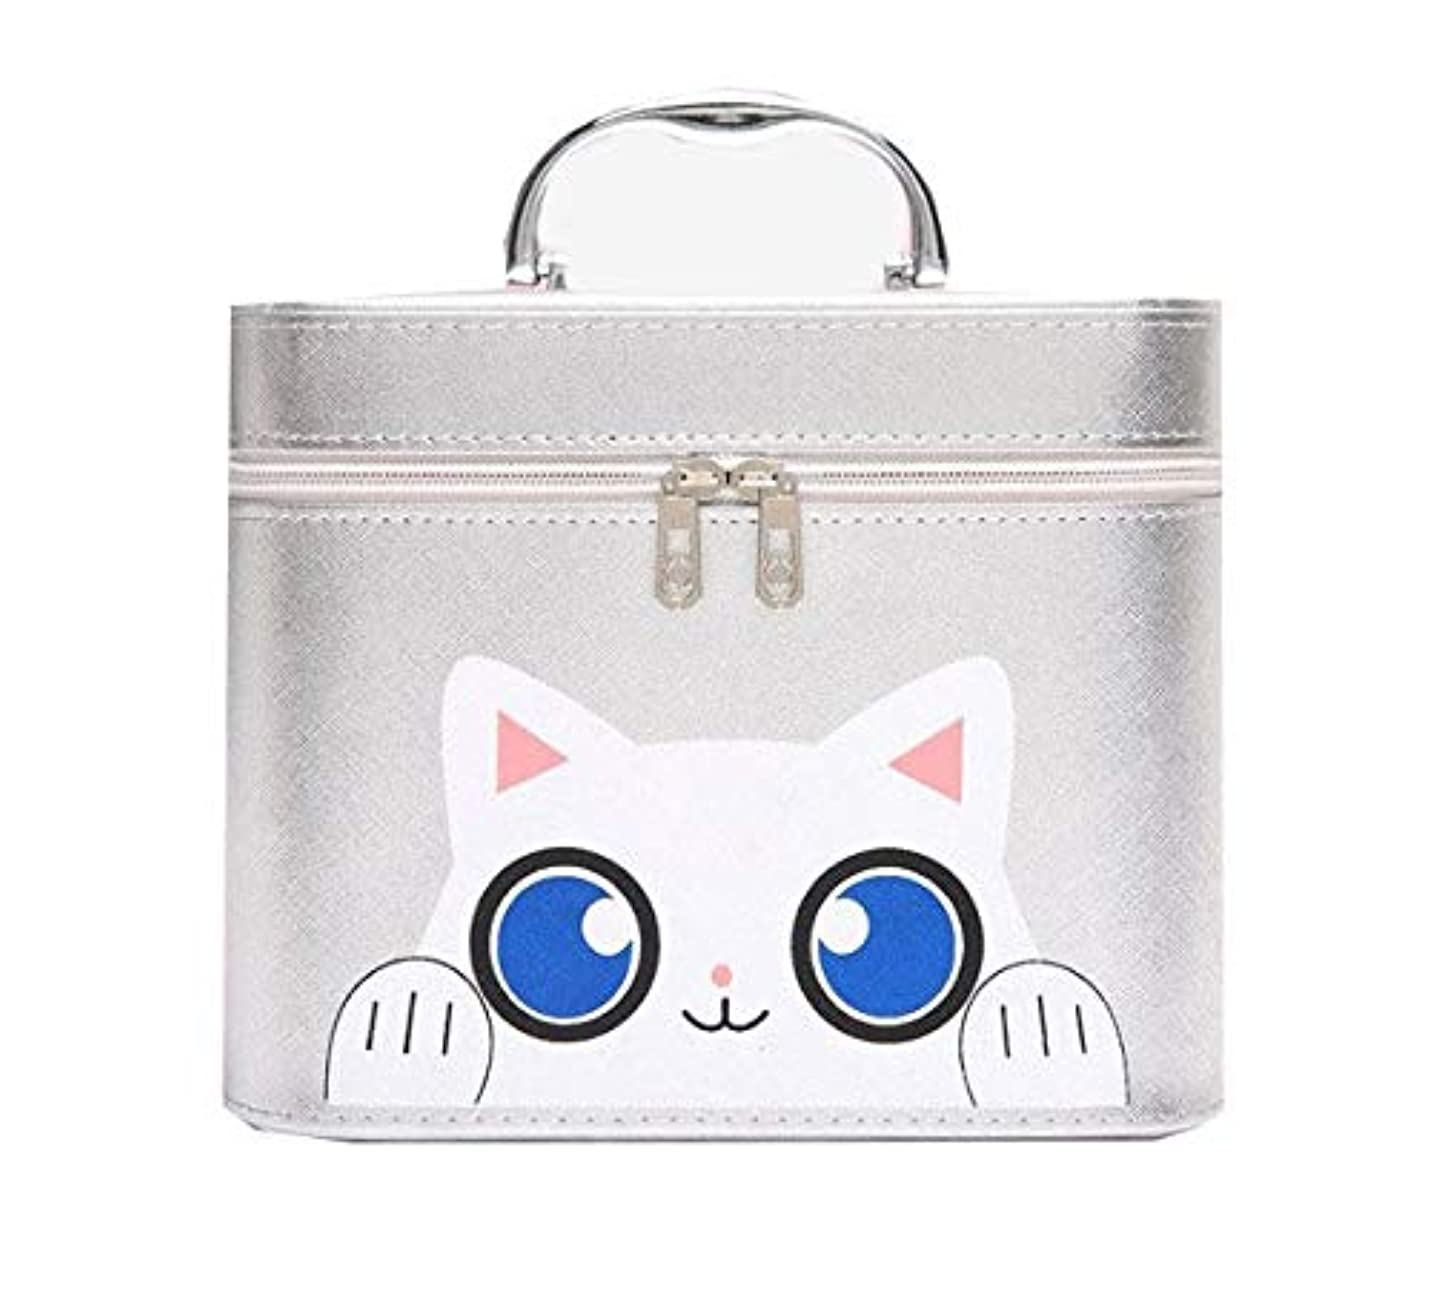 エンドテーブルコンデンサーのぞき穴化粧箱、シルバー漫画猫化粧品ケース、ポータブル旅行化粧品ケース、美容ネイルジュエリー収納ボックス (Size : L)